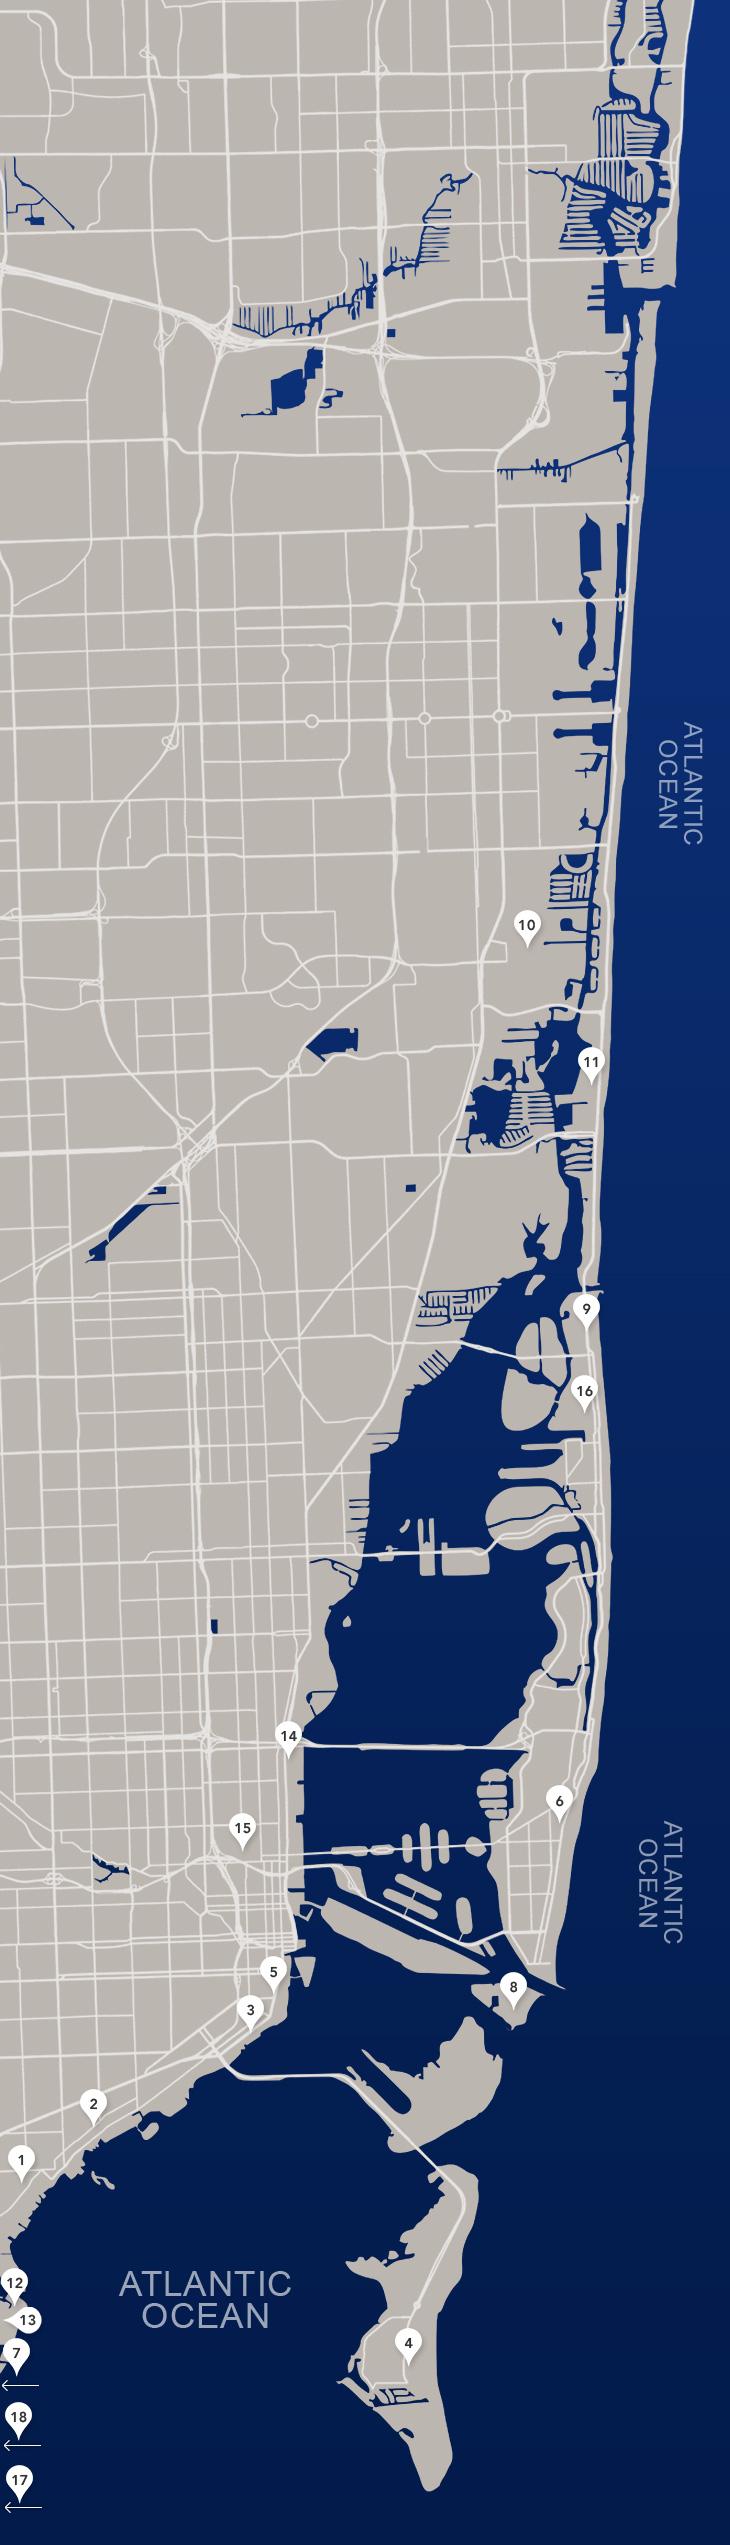 Singer Island Florida Map - Singer Island Florida Map